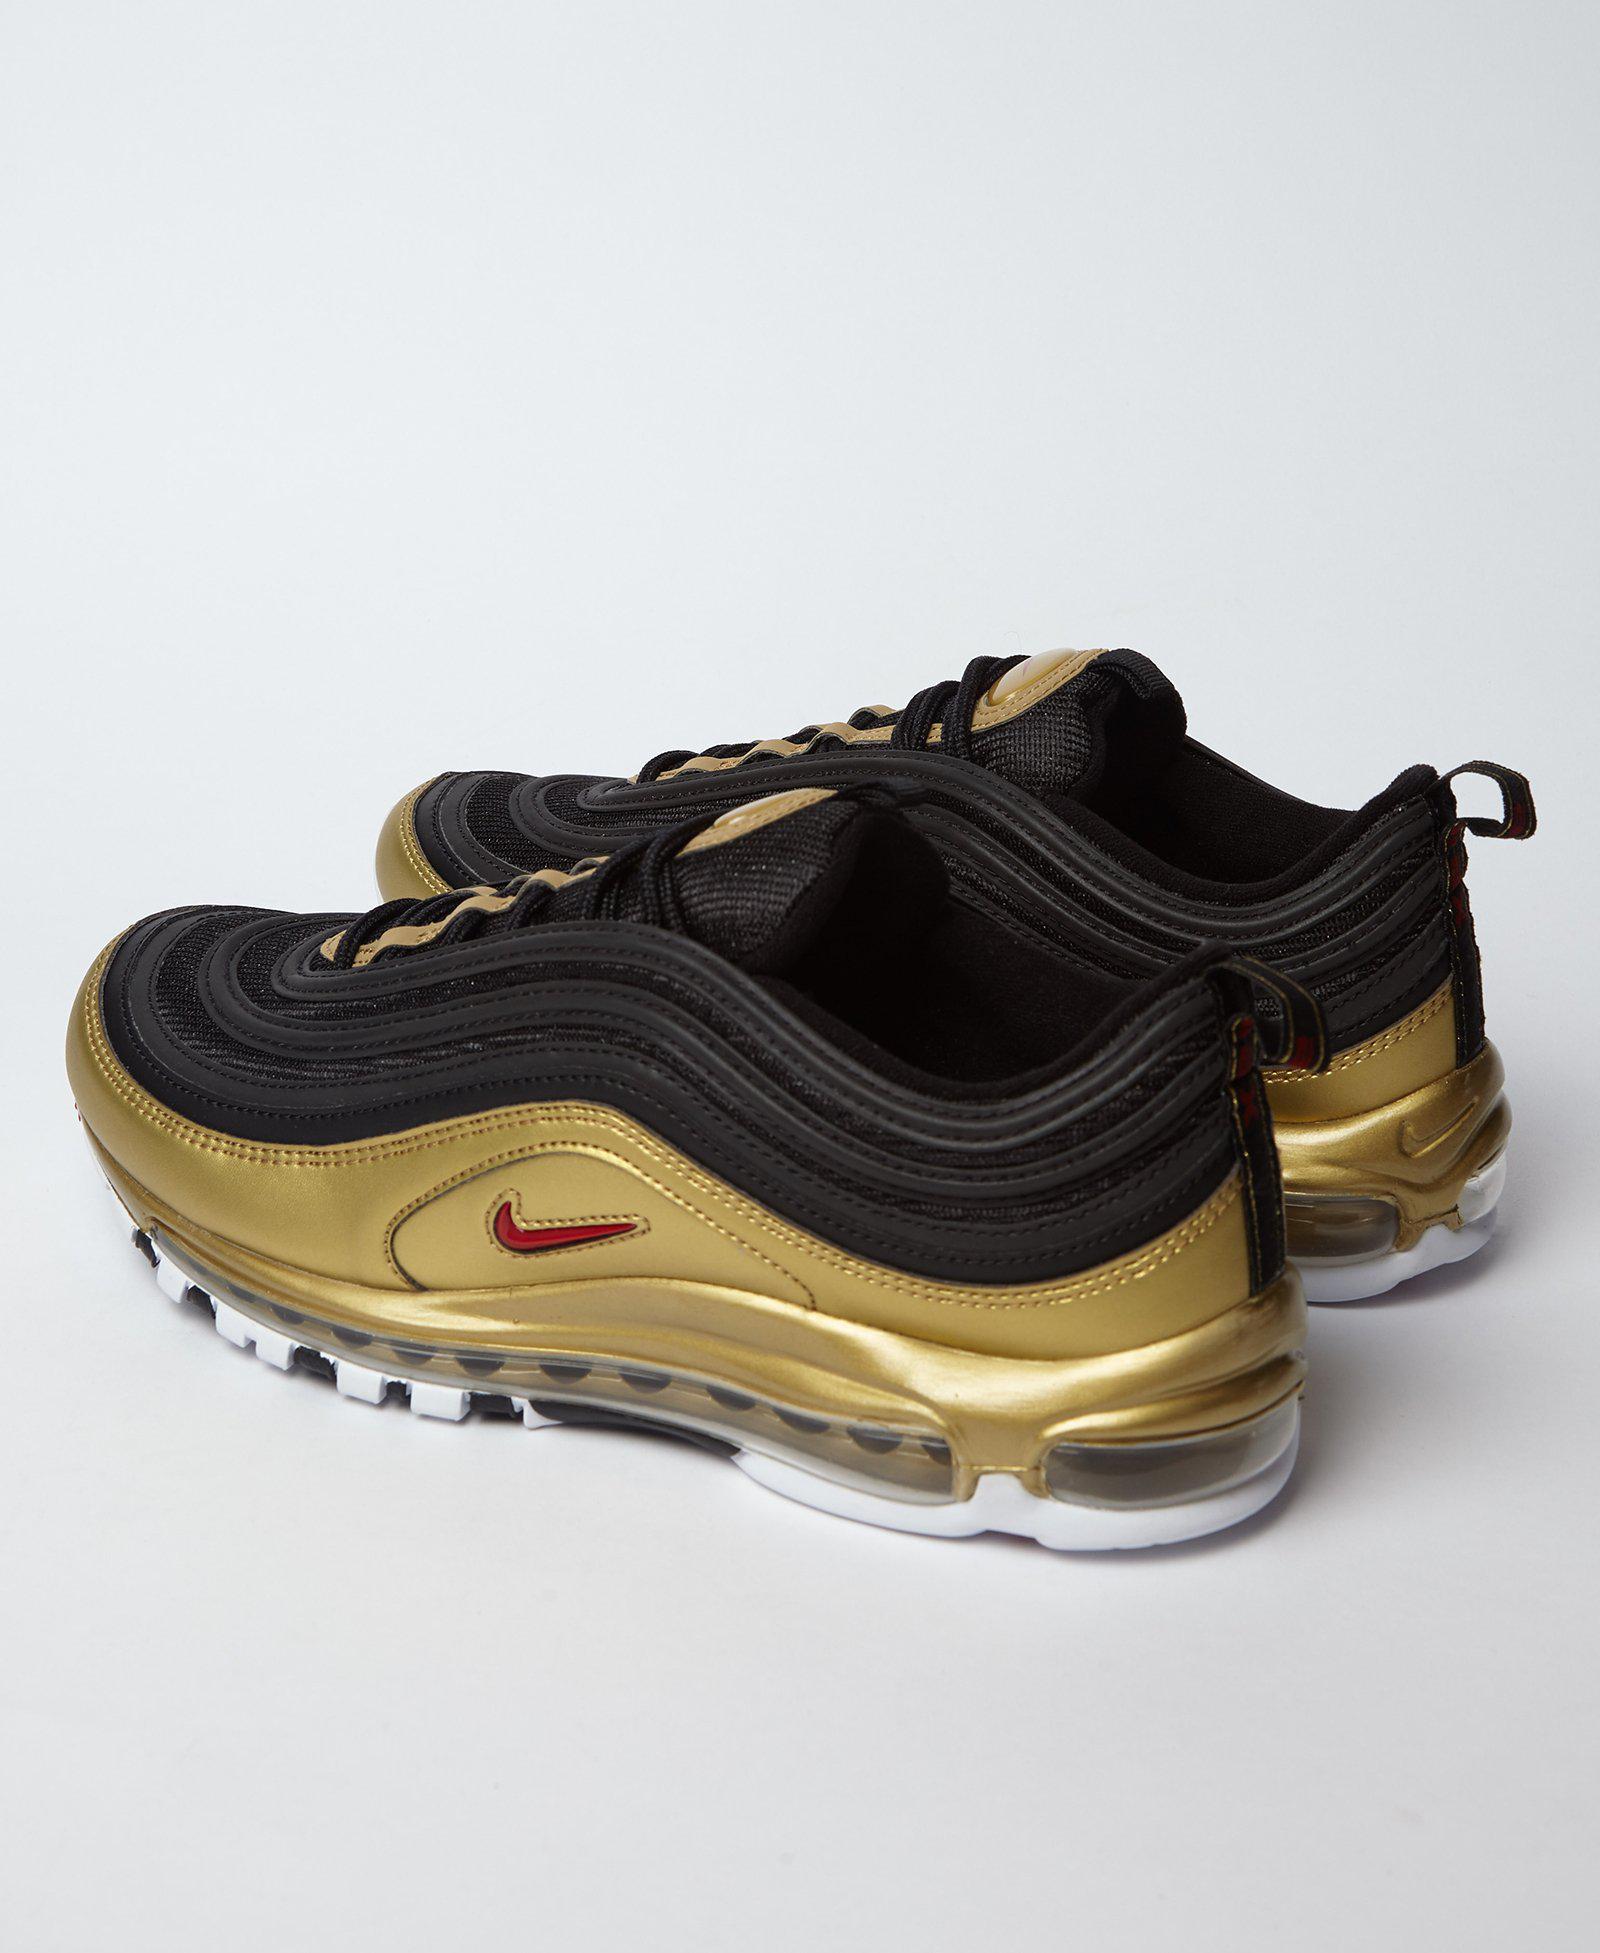 Mens Nike Air Max 97 OG QS Black White Amarillo 921522 005